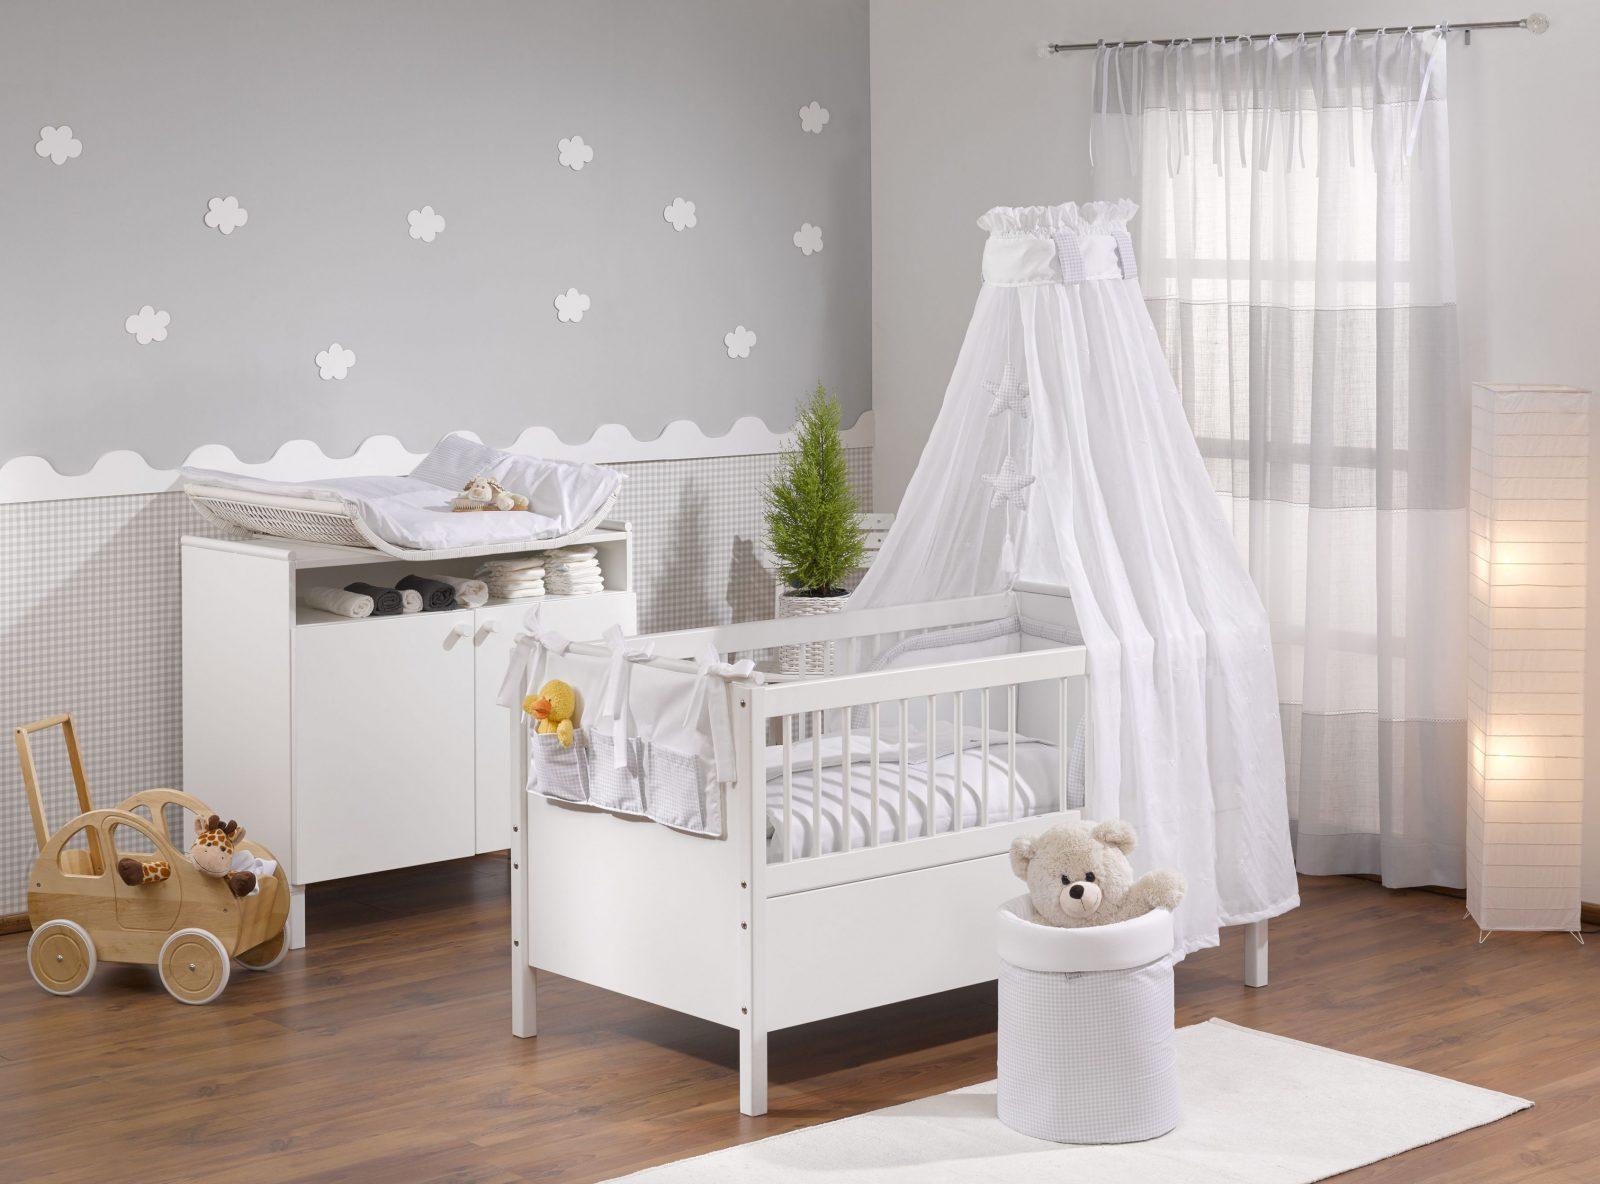 Babyzimmer Grau In 2019  Babyzimmer Wandgestaltung Kinder von Babyzimmer Einrichten Junge Bild